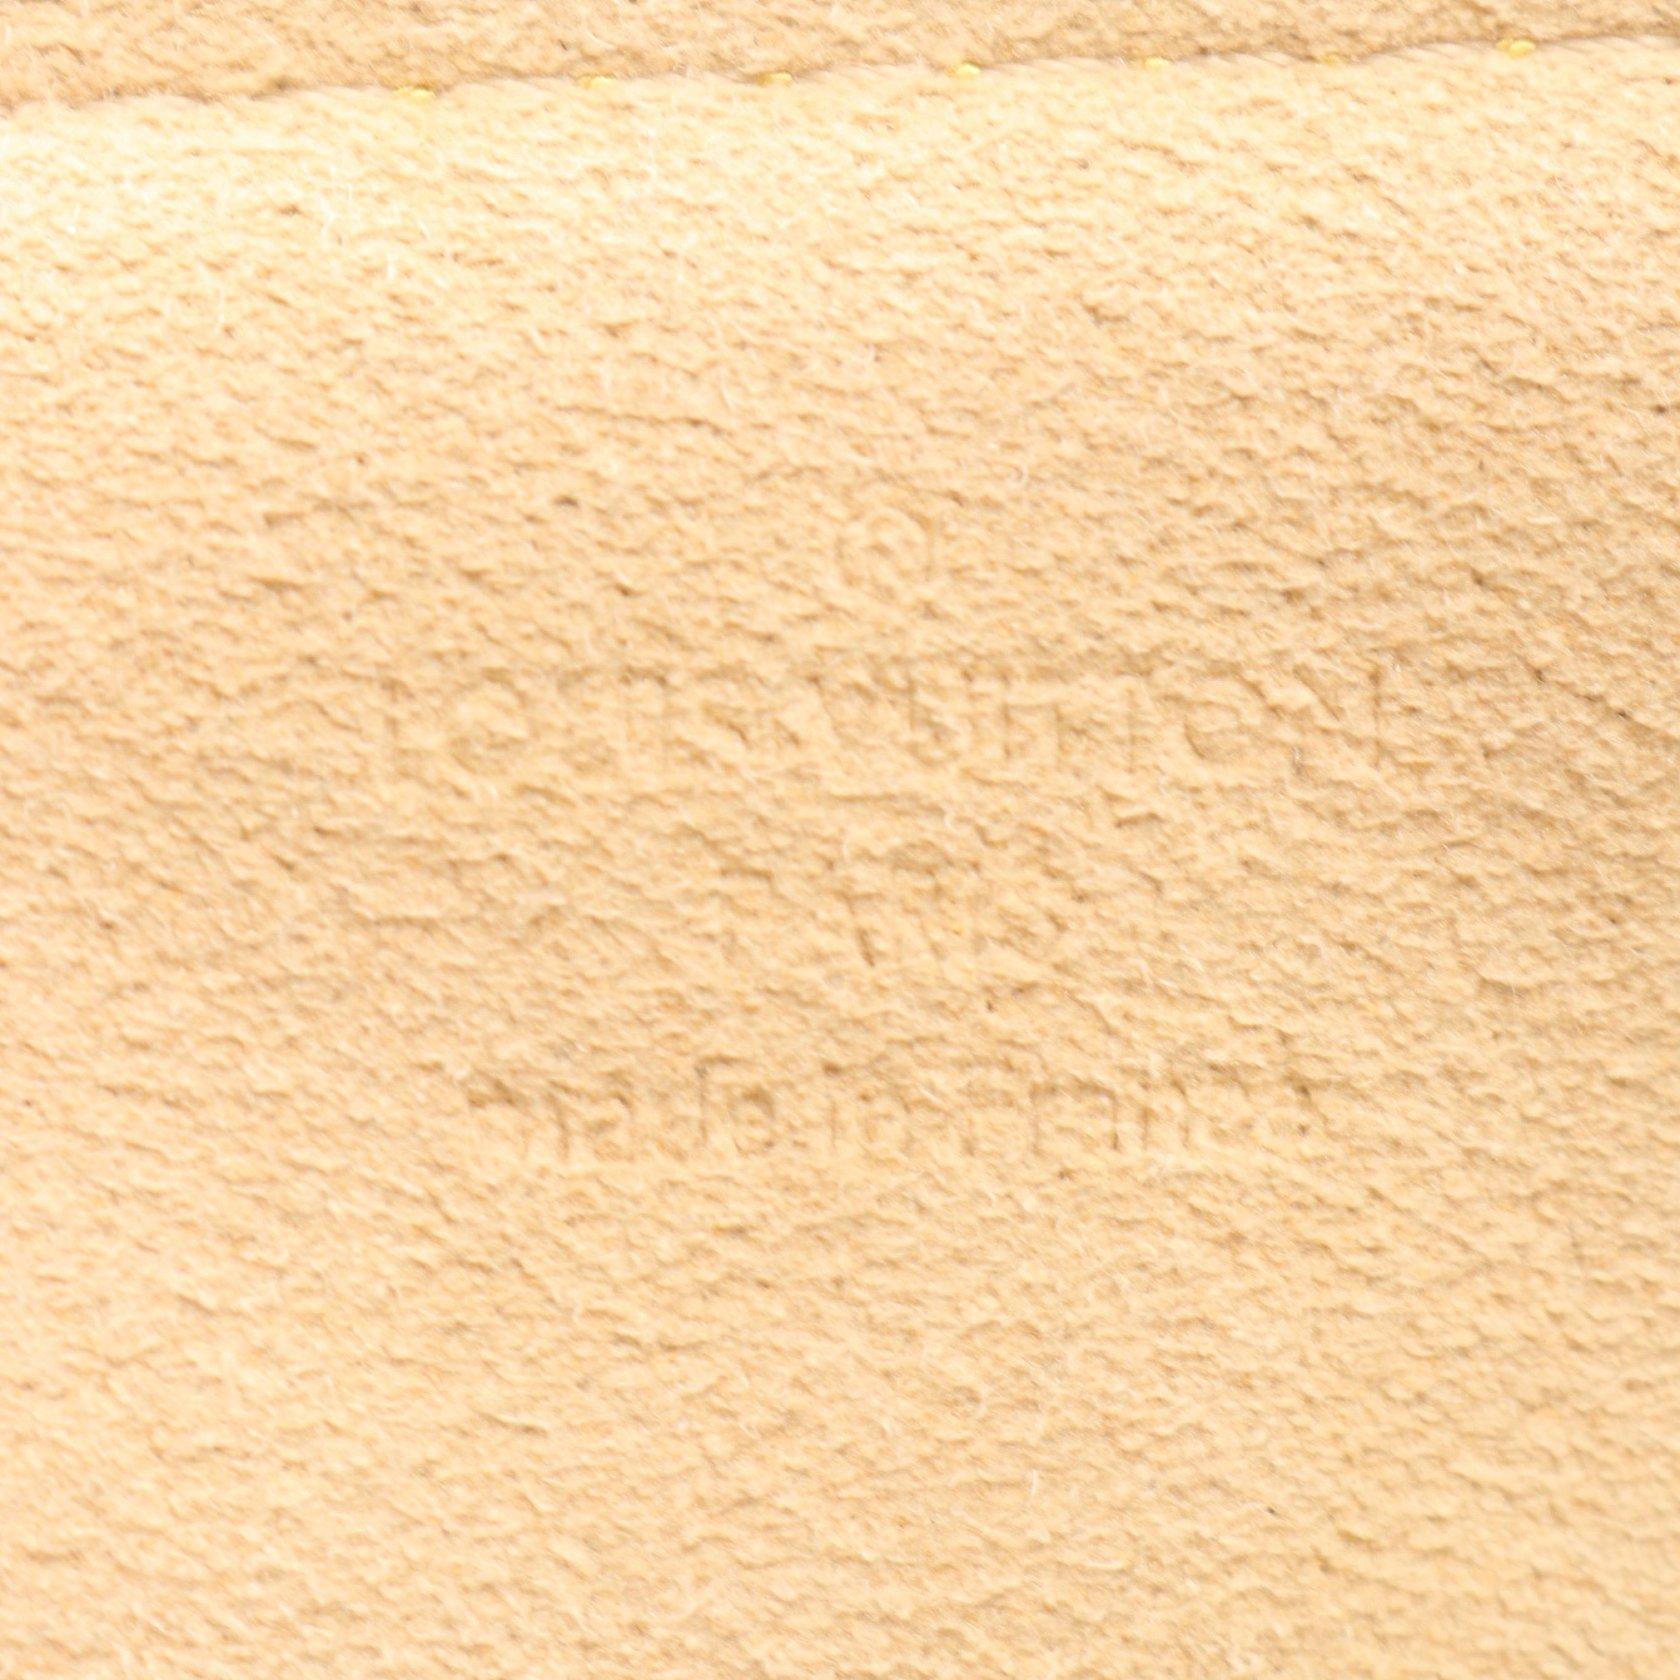 LOUIS VUITTON・バッグ・ビバリーMM モノグラム ショルダーバッグ PVC レザー ブラウン